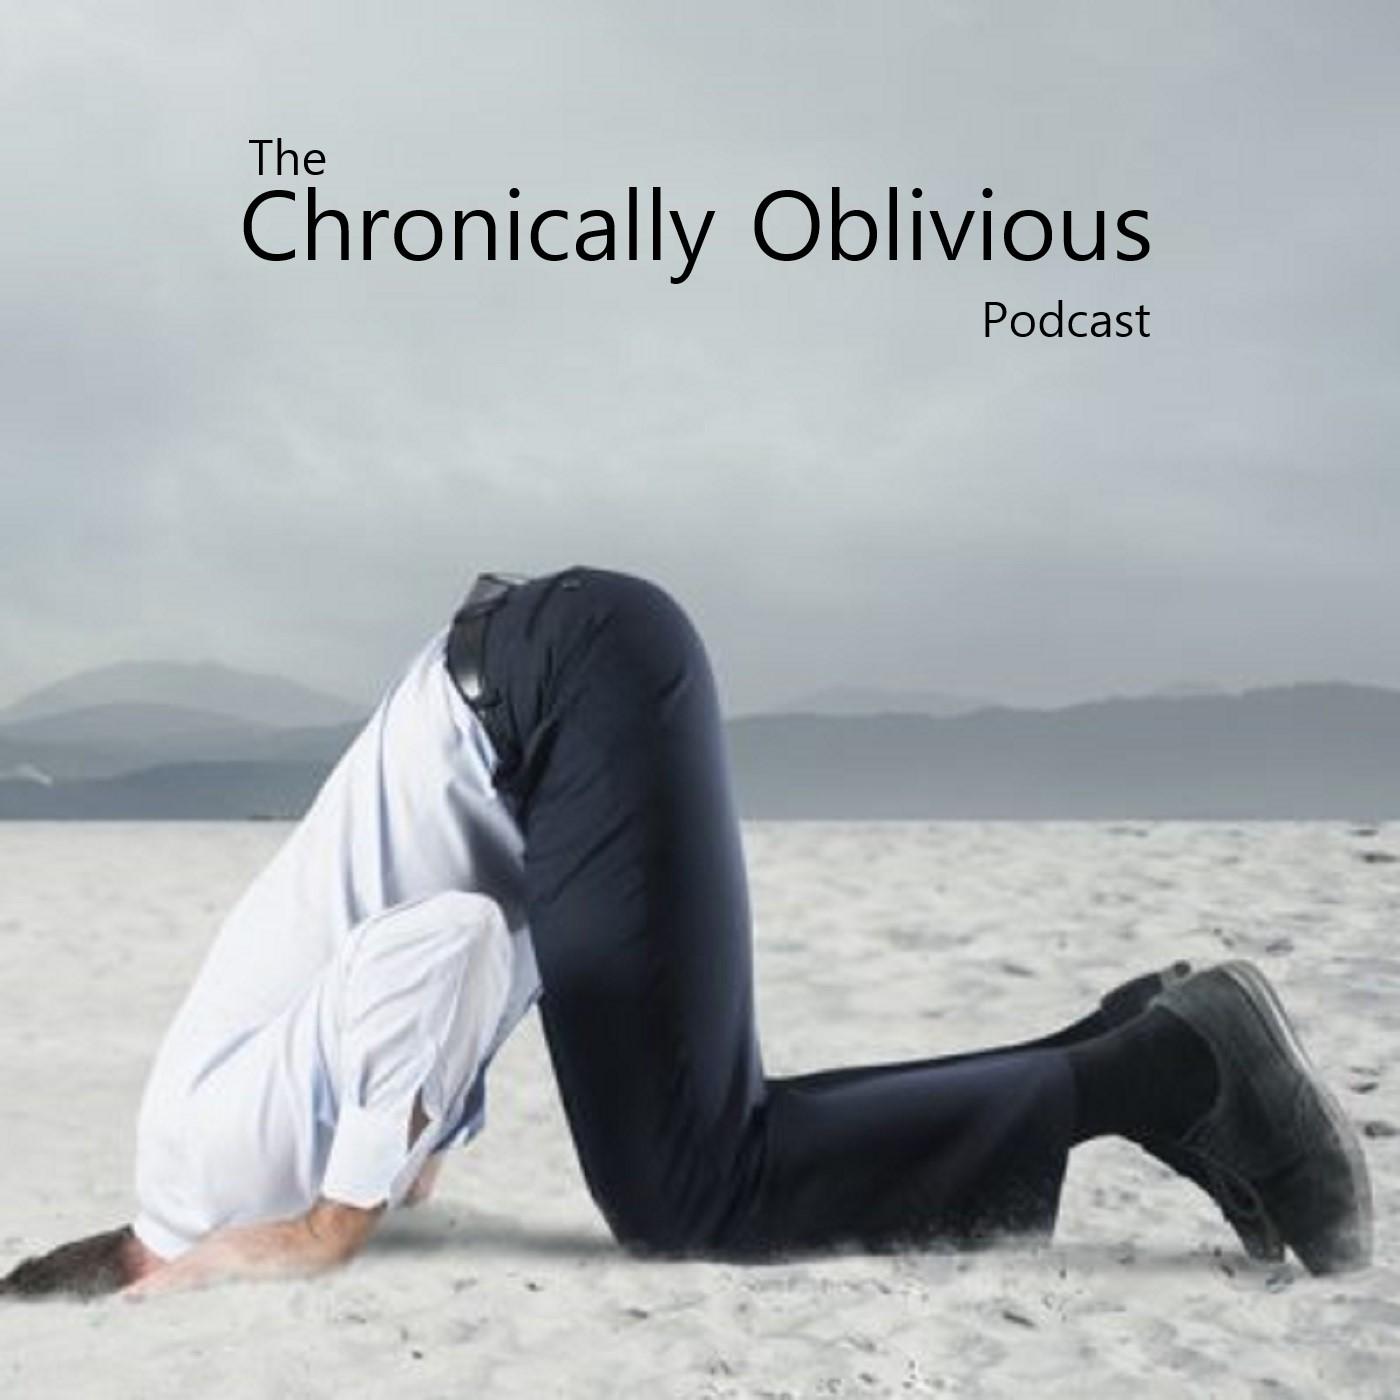 Chronically Oblivious Podcast